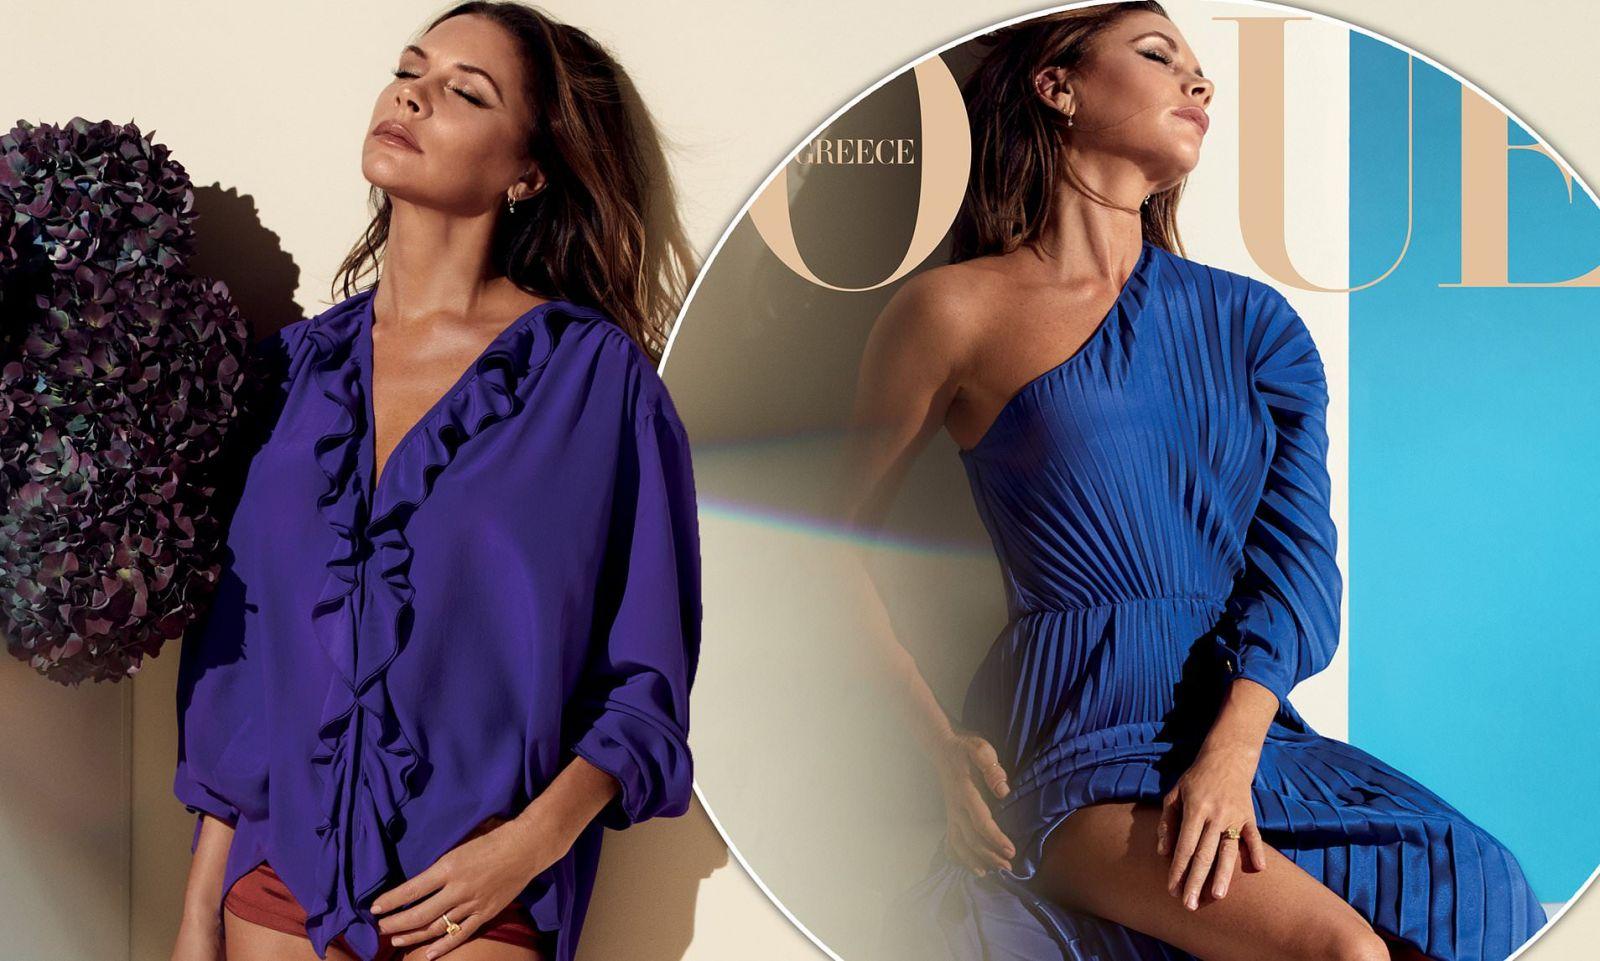 Виктория Бекхэм стала героиней нового выпуска греческого Vogue